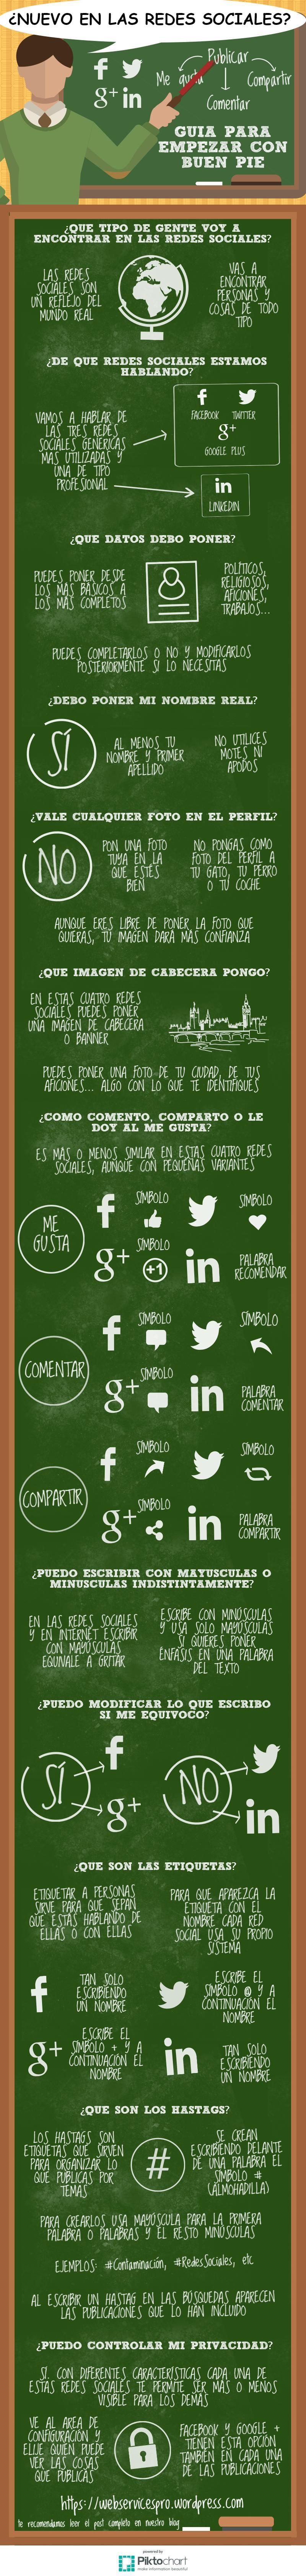 Guía para comenzar con buen pie en las Redes Sociales